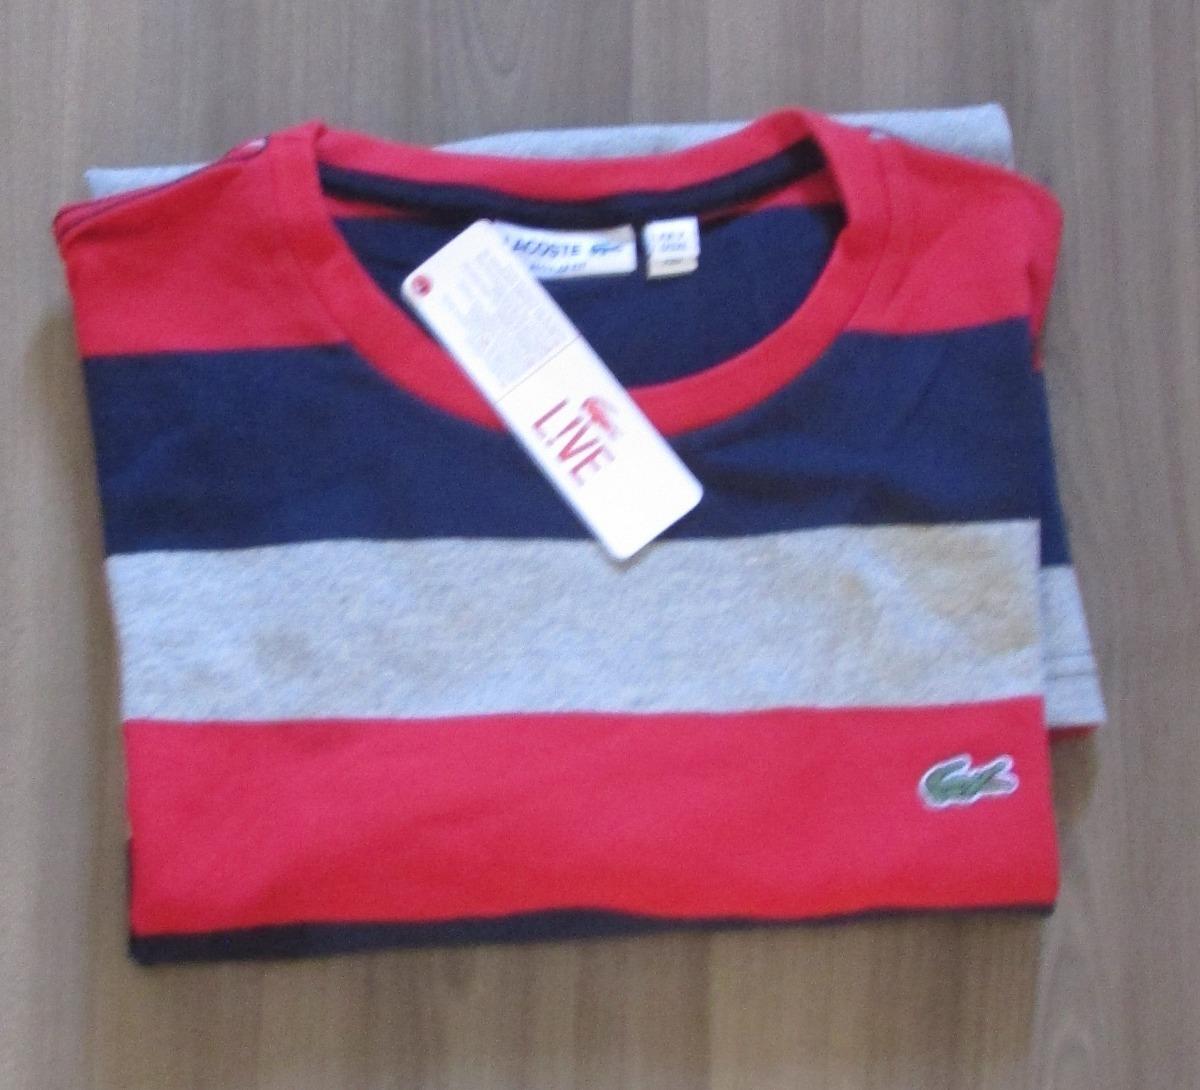 camiseta lacoste live original peruana oferta listrada tam p. Carregando  zoom. 02f7166a81